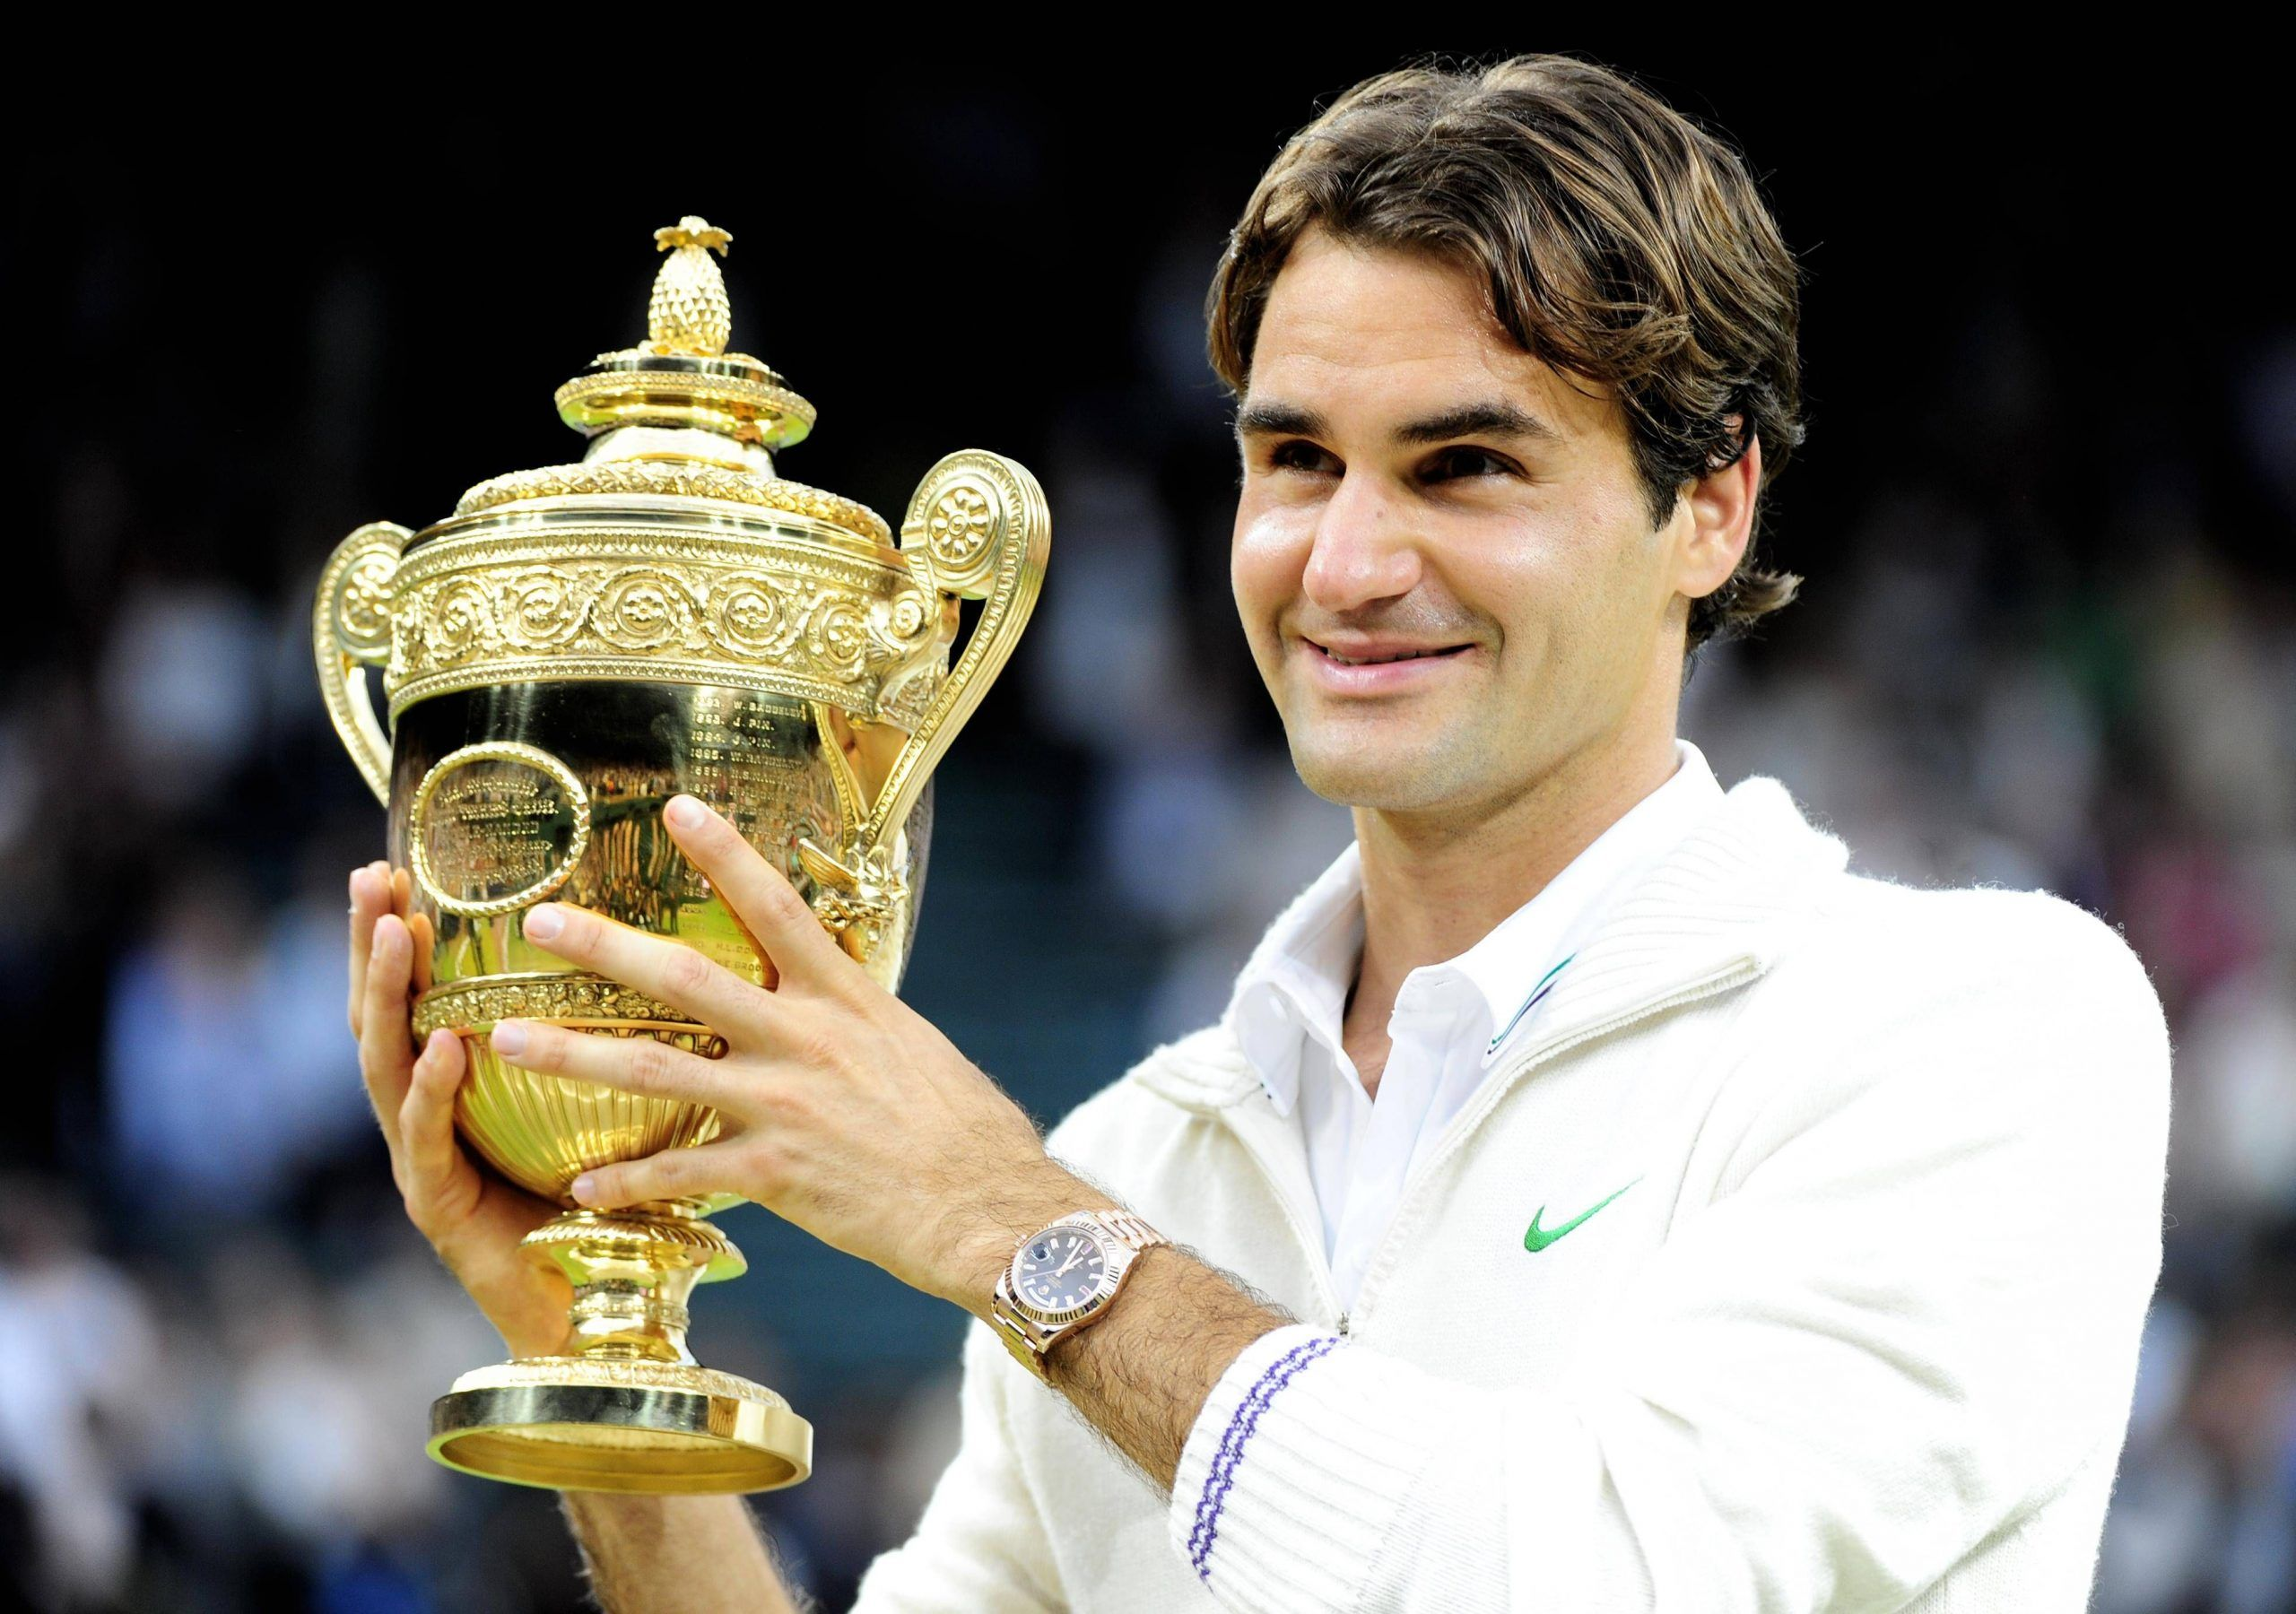 Tifoso si sveglia dopo 11 anni di coma ed esulta nel vedere Federer ancora al top